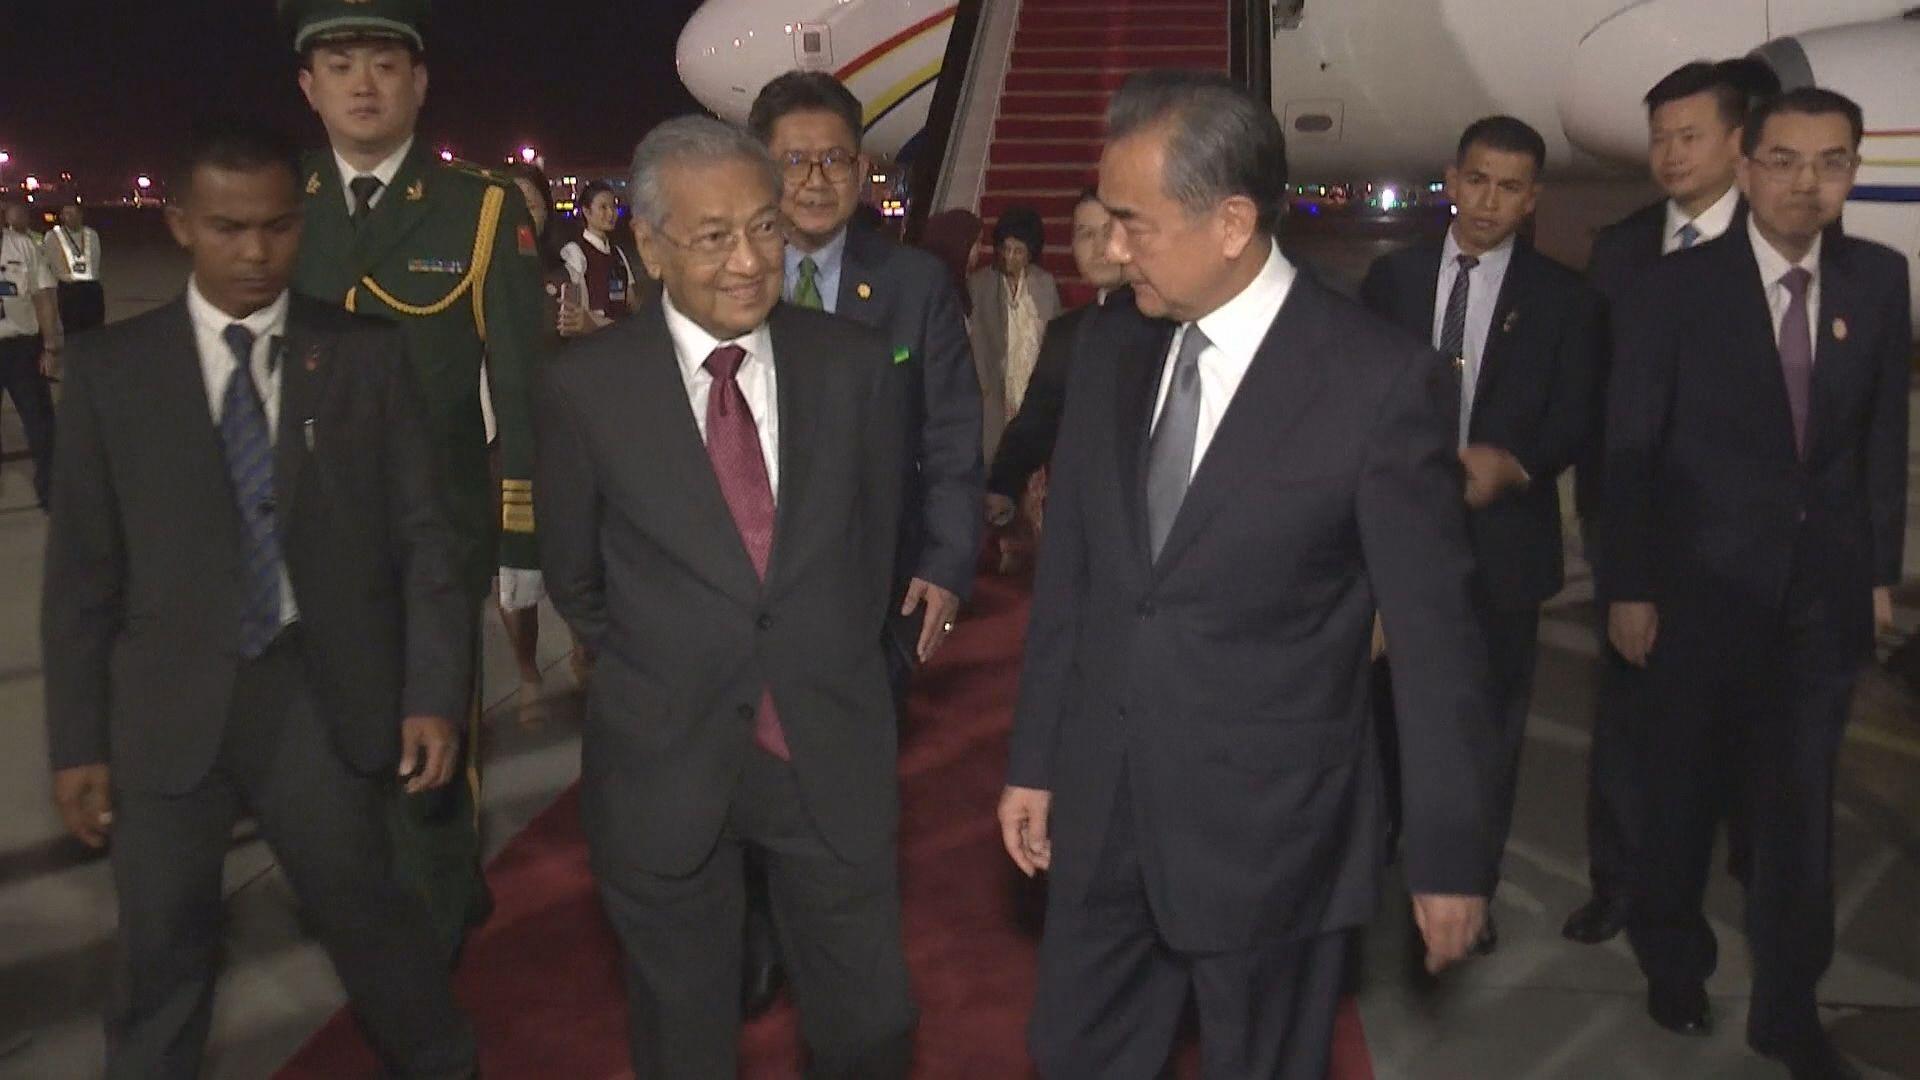 馬哈蒂爾轉抵北京繼續訪華行程